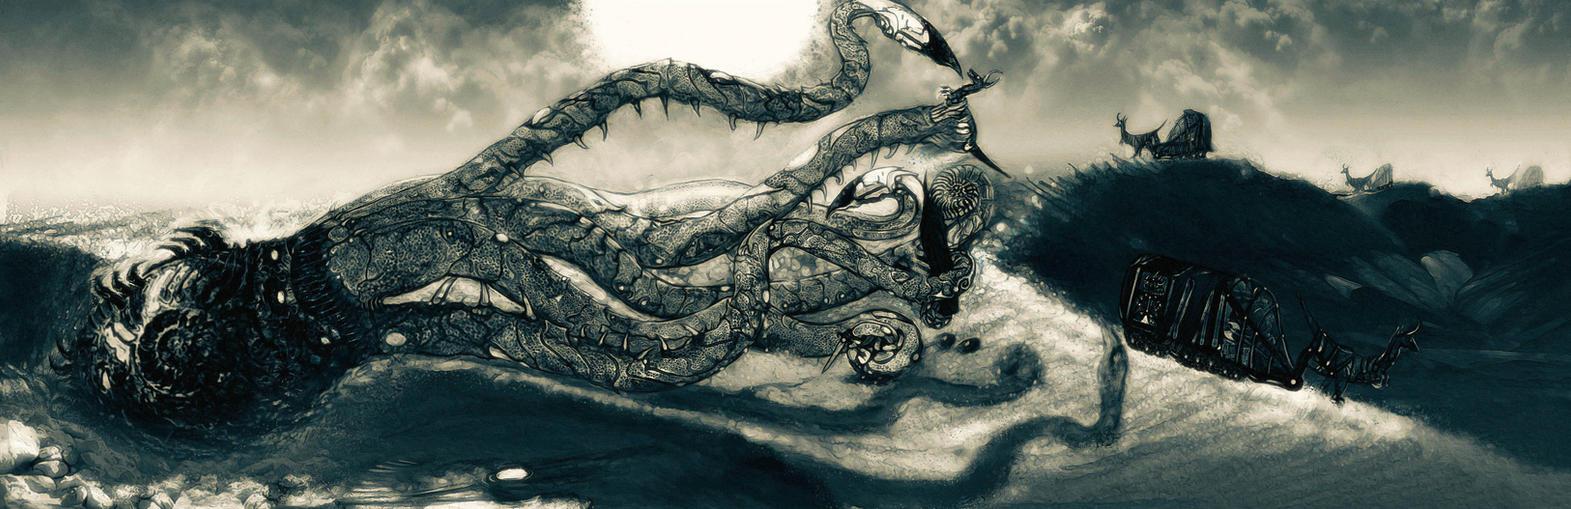 Sand Kraken Variant by ezeleolos on DeviantArt